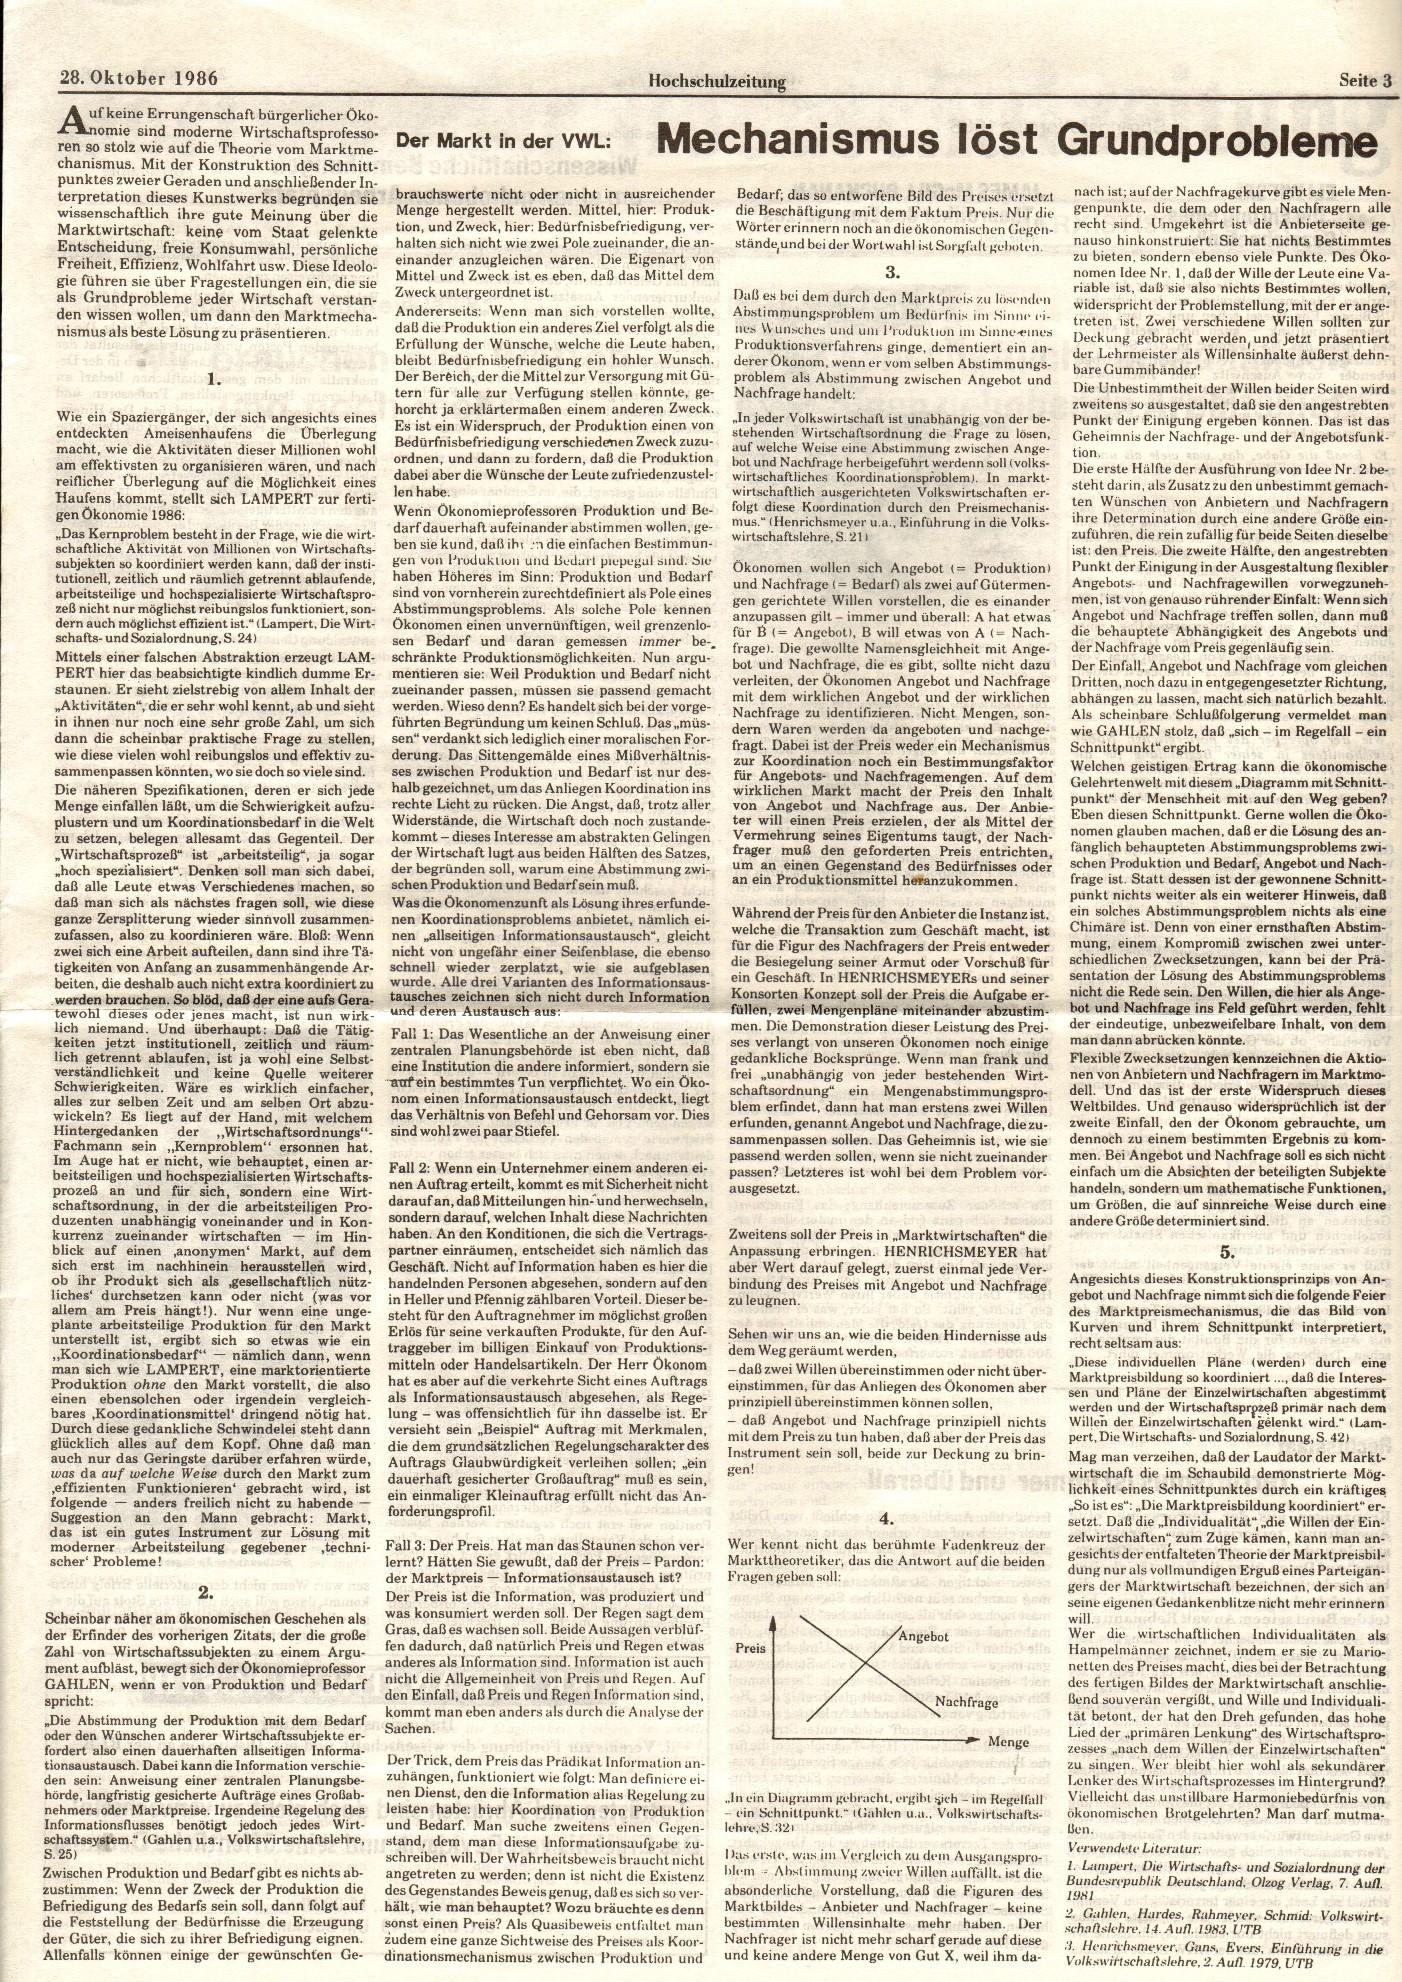 MG_Dortmunder_Hochschulzeitung_19861028_03